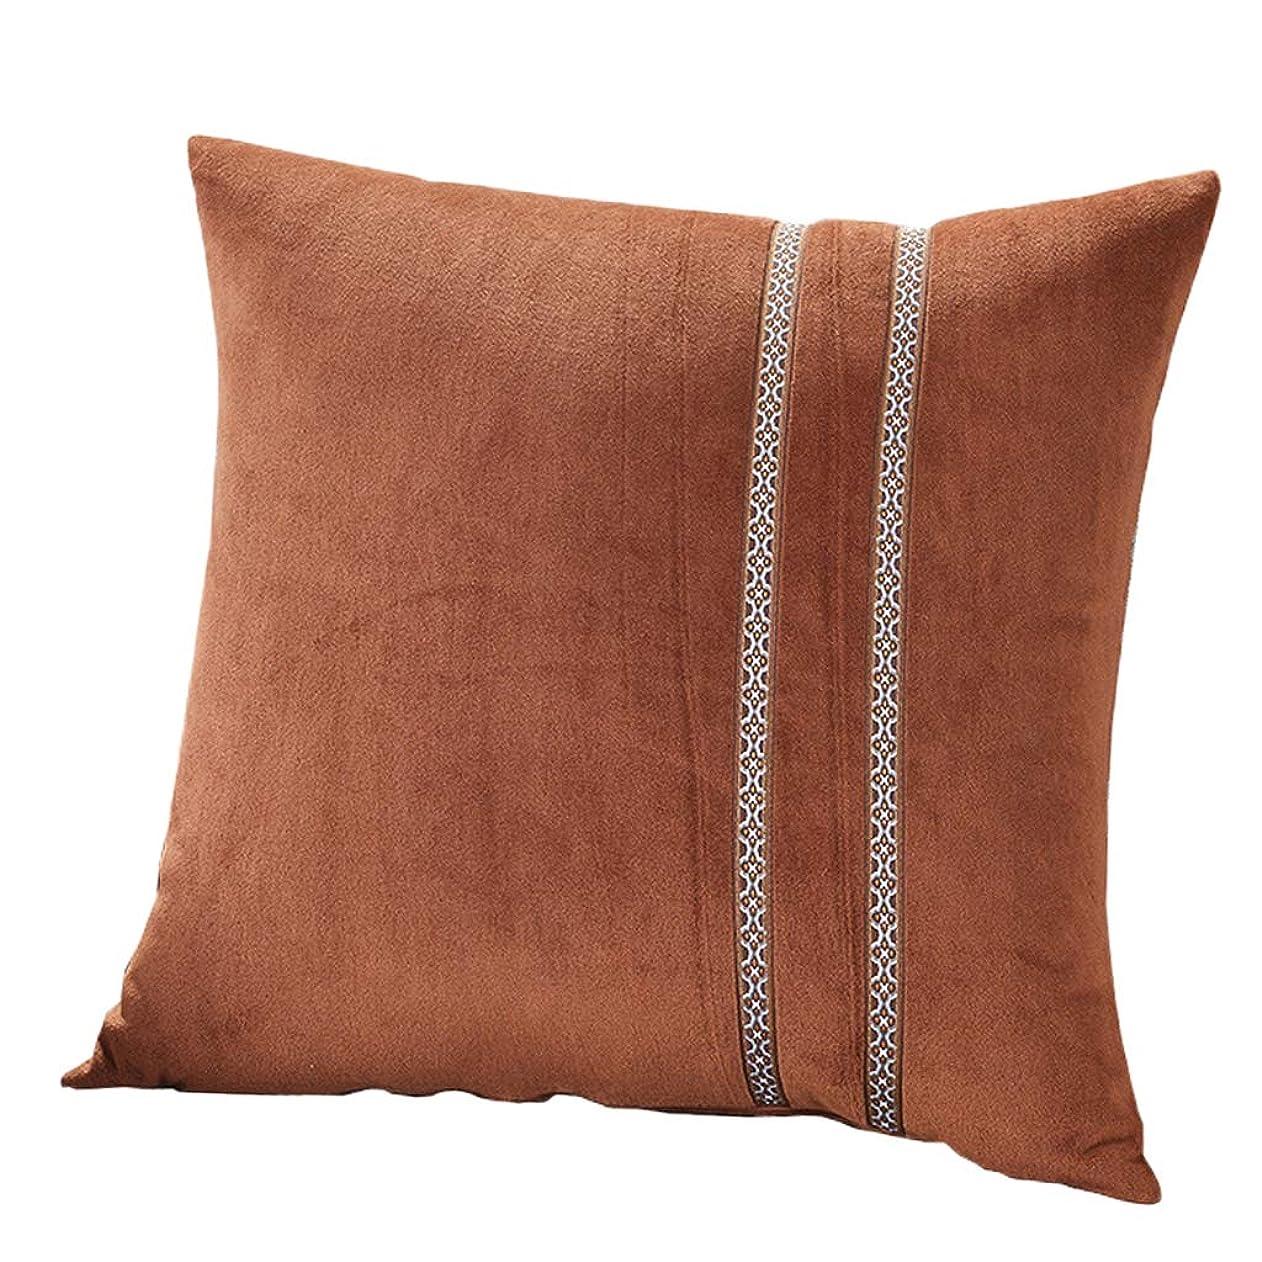 ピーク固めるマークダウン枕カバー クッションカバー ピローケース 正方形 背当て 無地 ベッド寝具 - ブラウン, 45cmx45cm